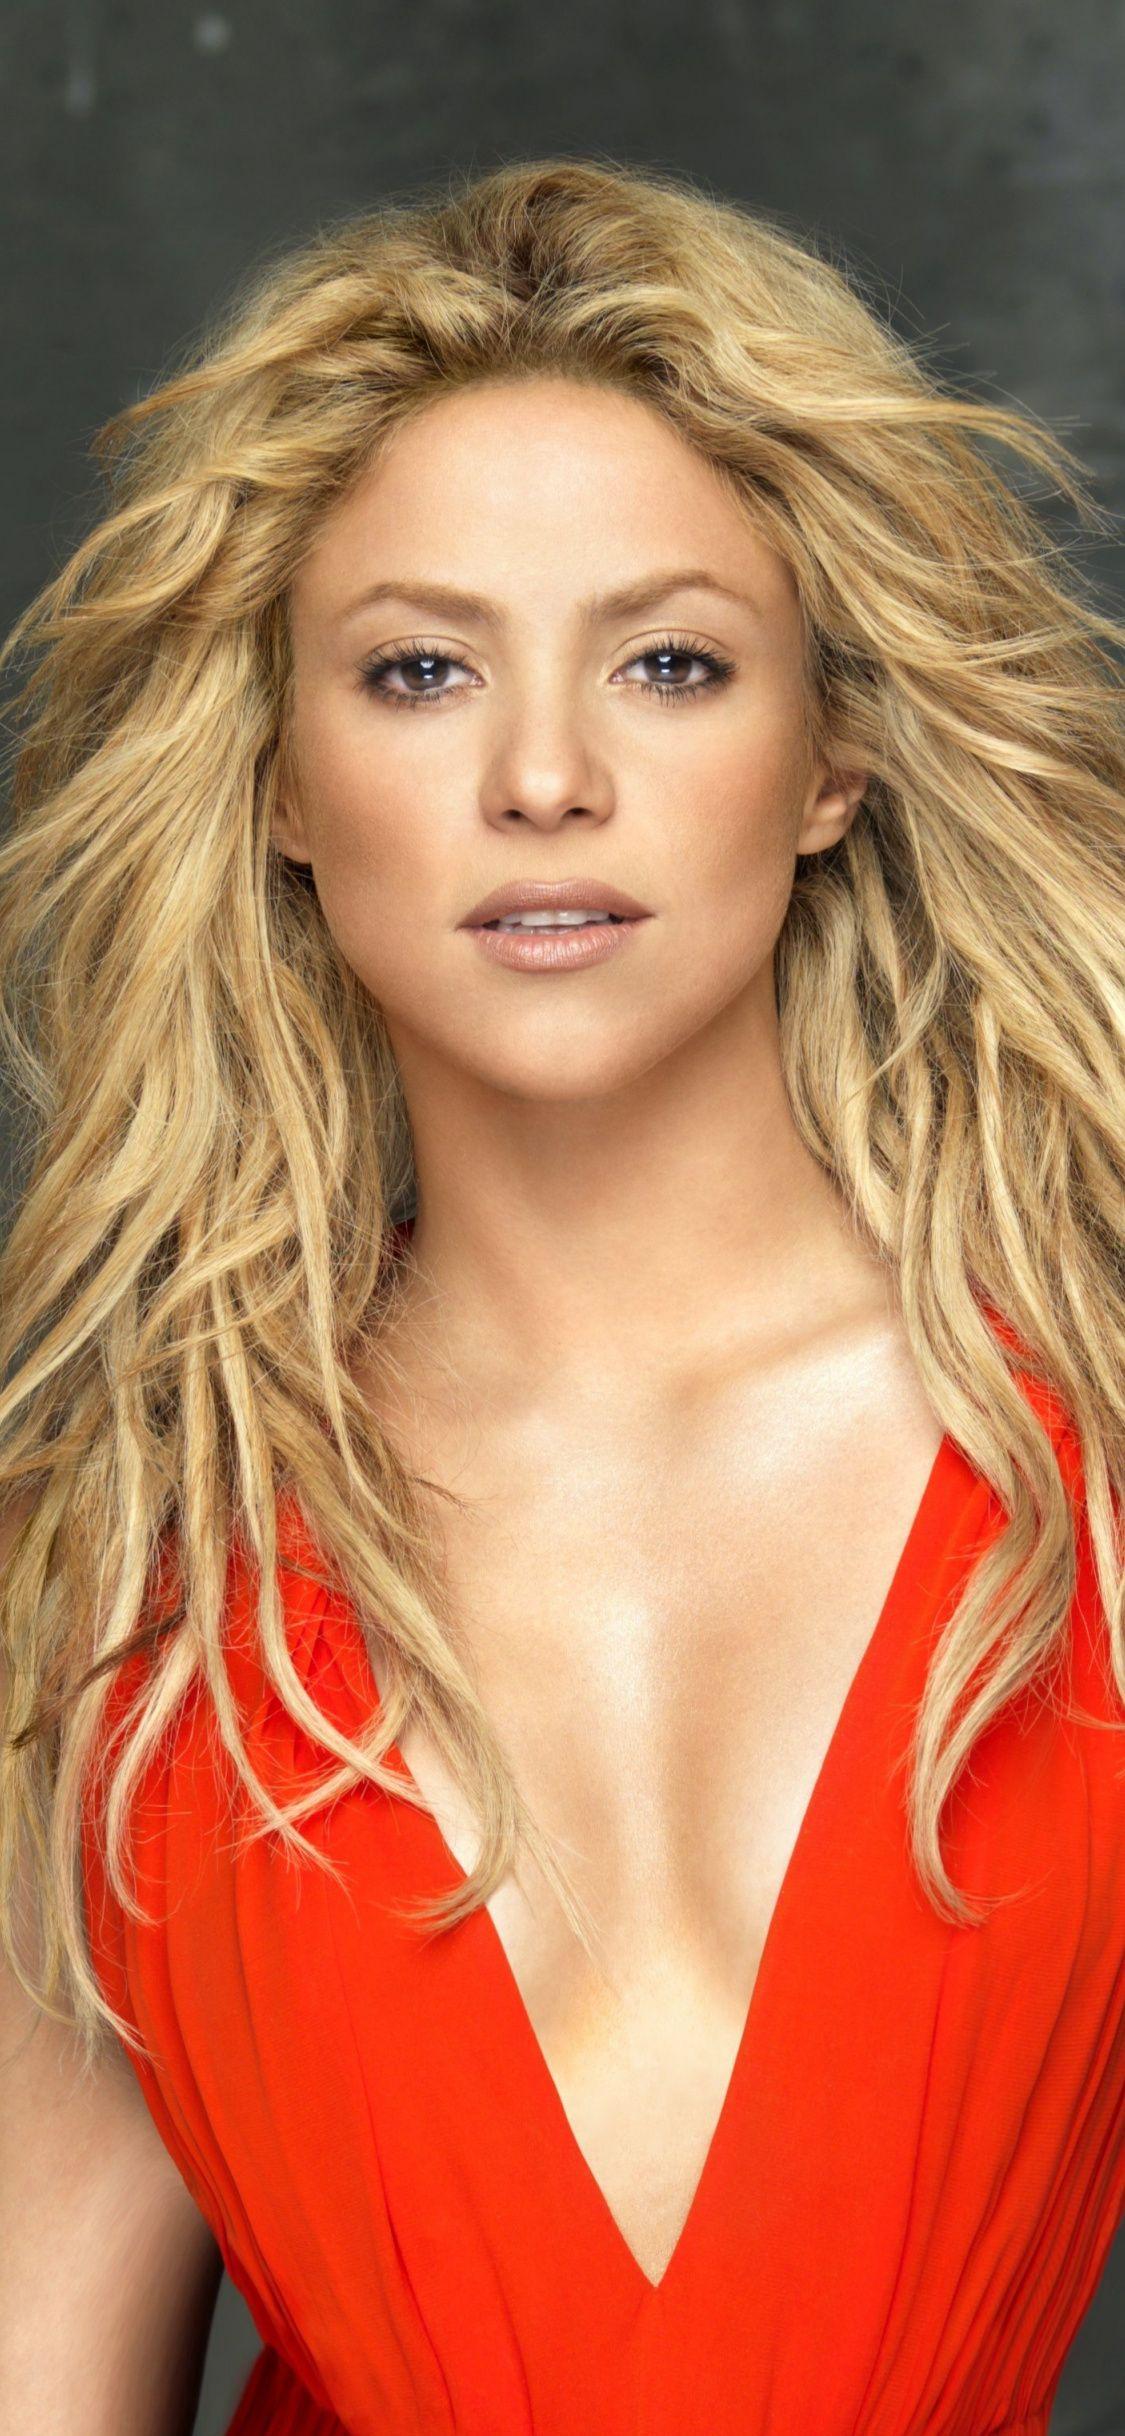 Shakira Blonde Singer Red Dress 1125x2436 Wallpaper